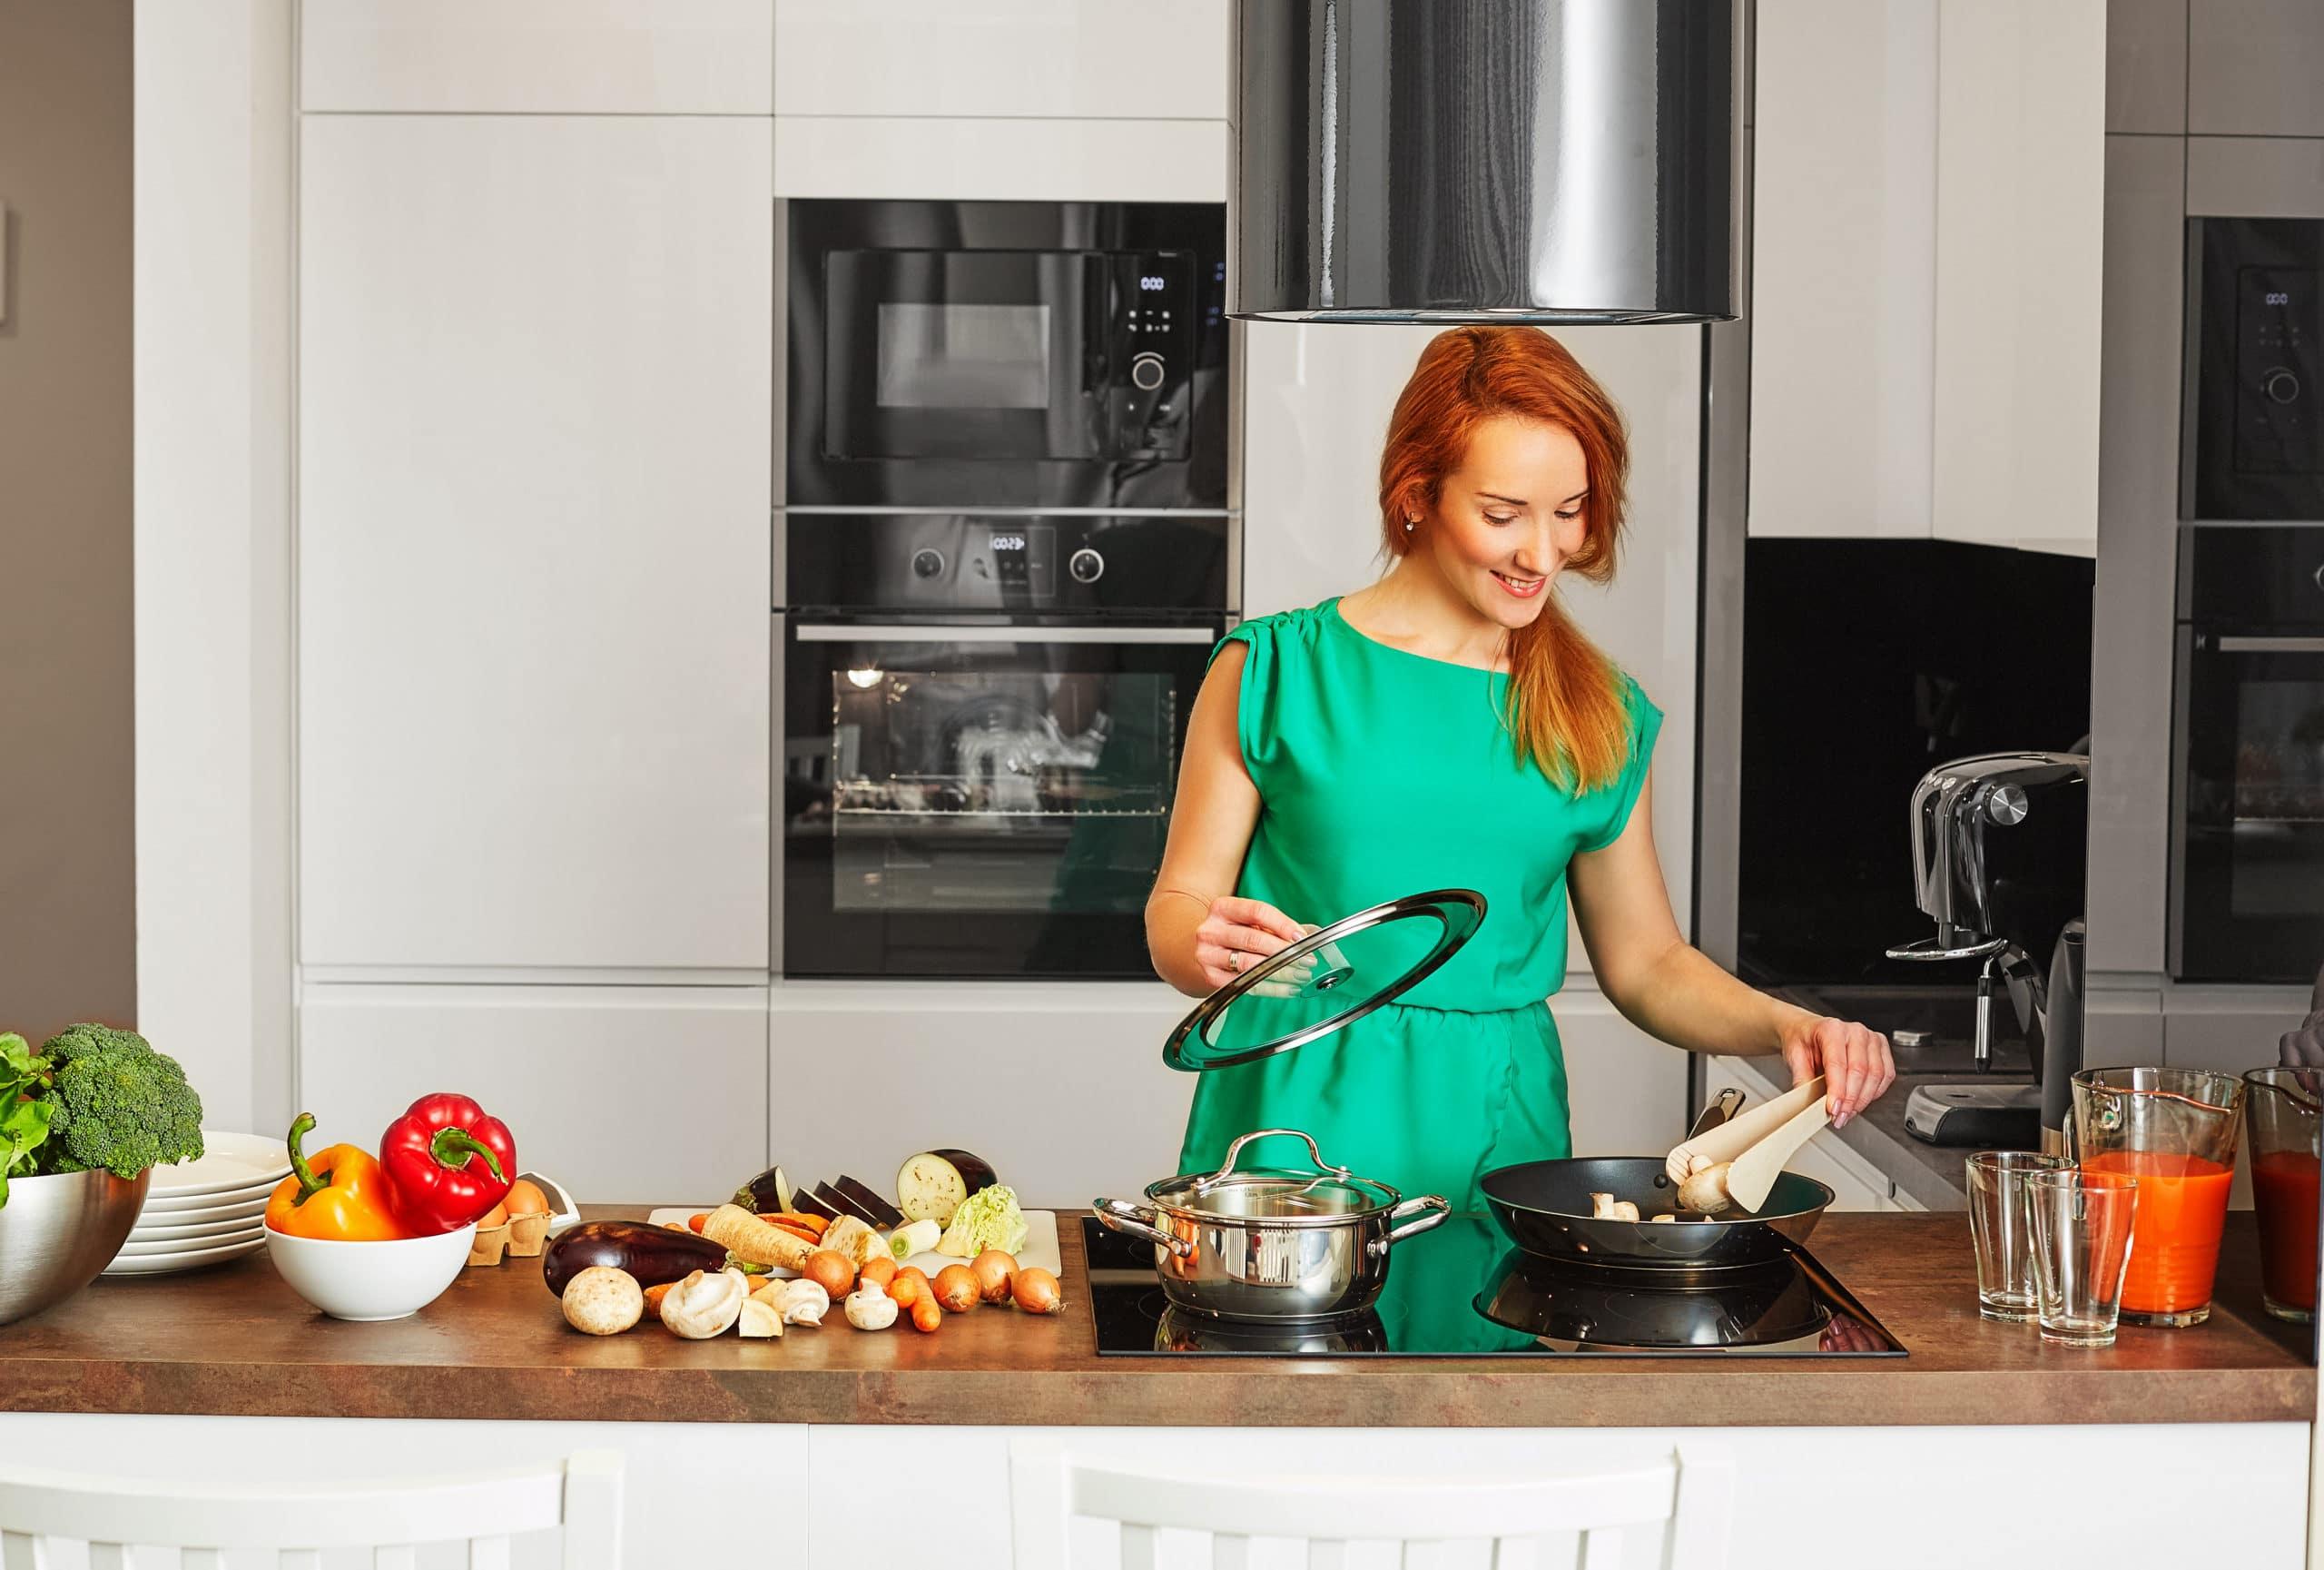 מטבחים מעץ חברות שמוכרות כיורים יוקרתיים למטבחים בעלי הבחנה מקצועית עם מקצועיות ומיומנות ועם הרבה מוטיבציה שיודעים לספק כל סוגי המטבחים לכל דורש תוך כדי תחזוקת מטבחים